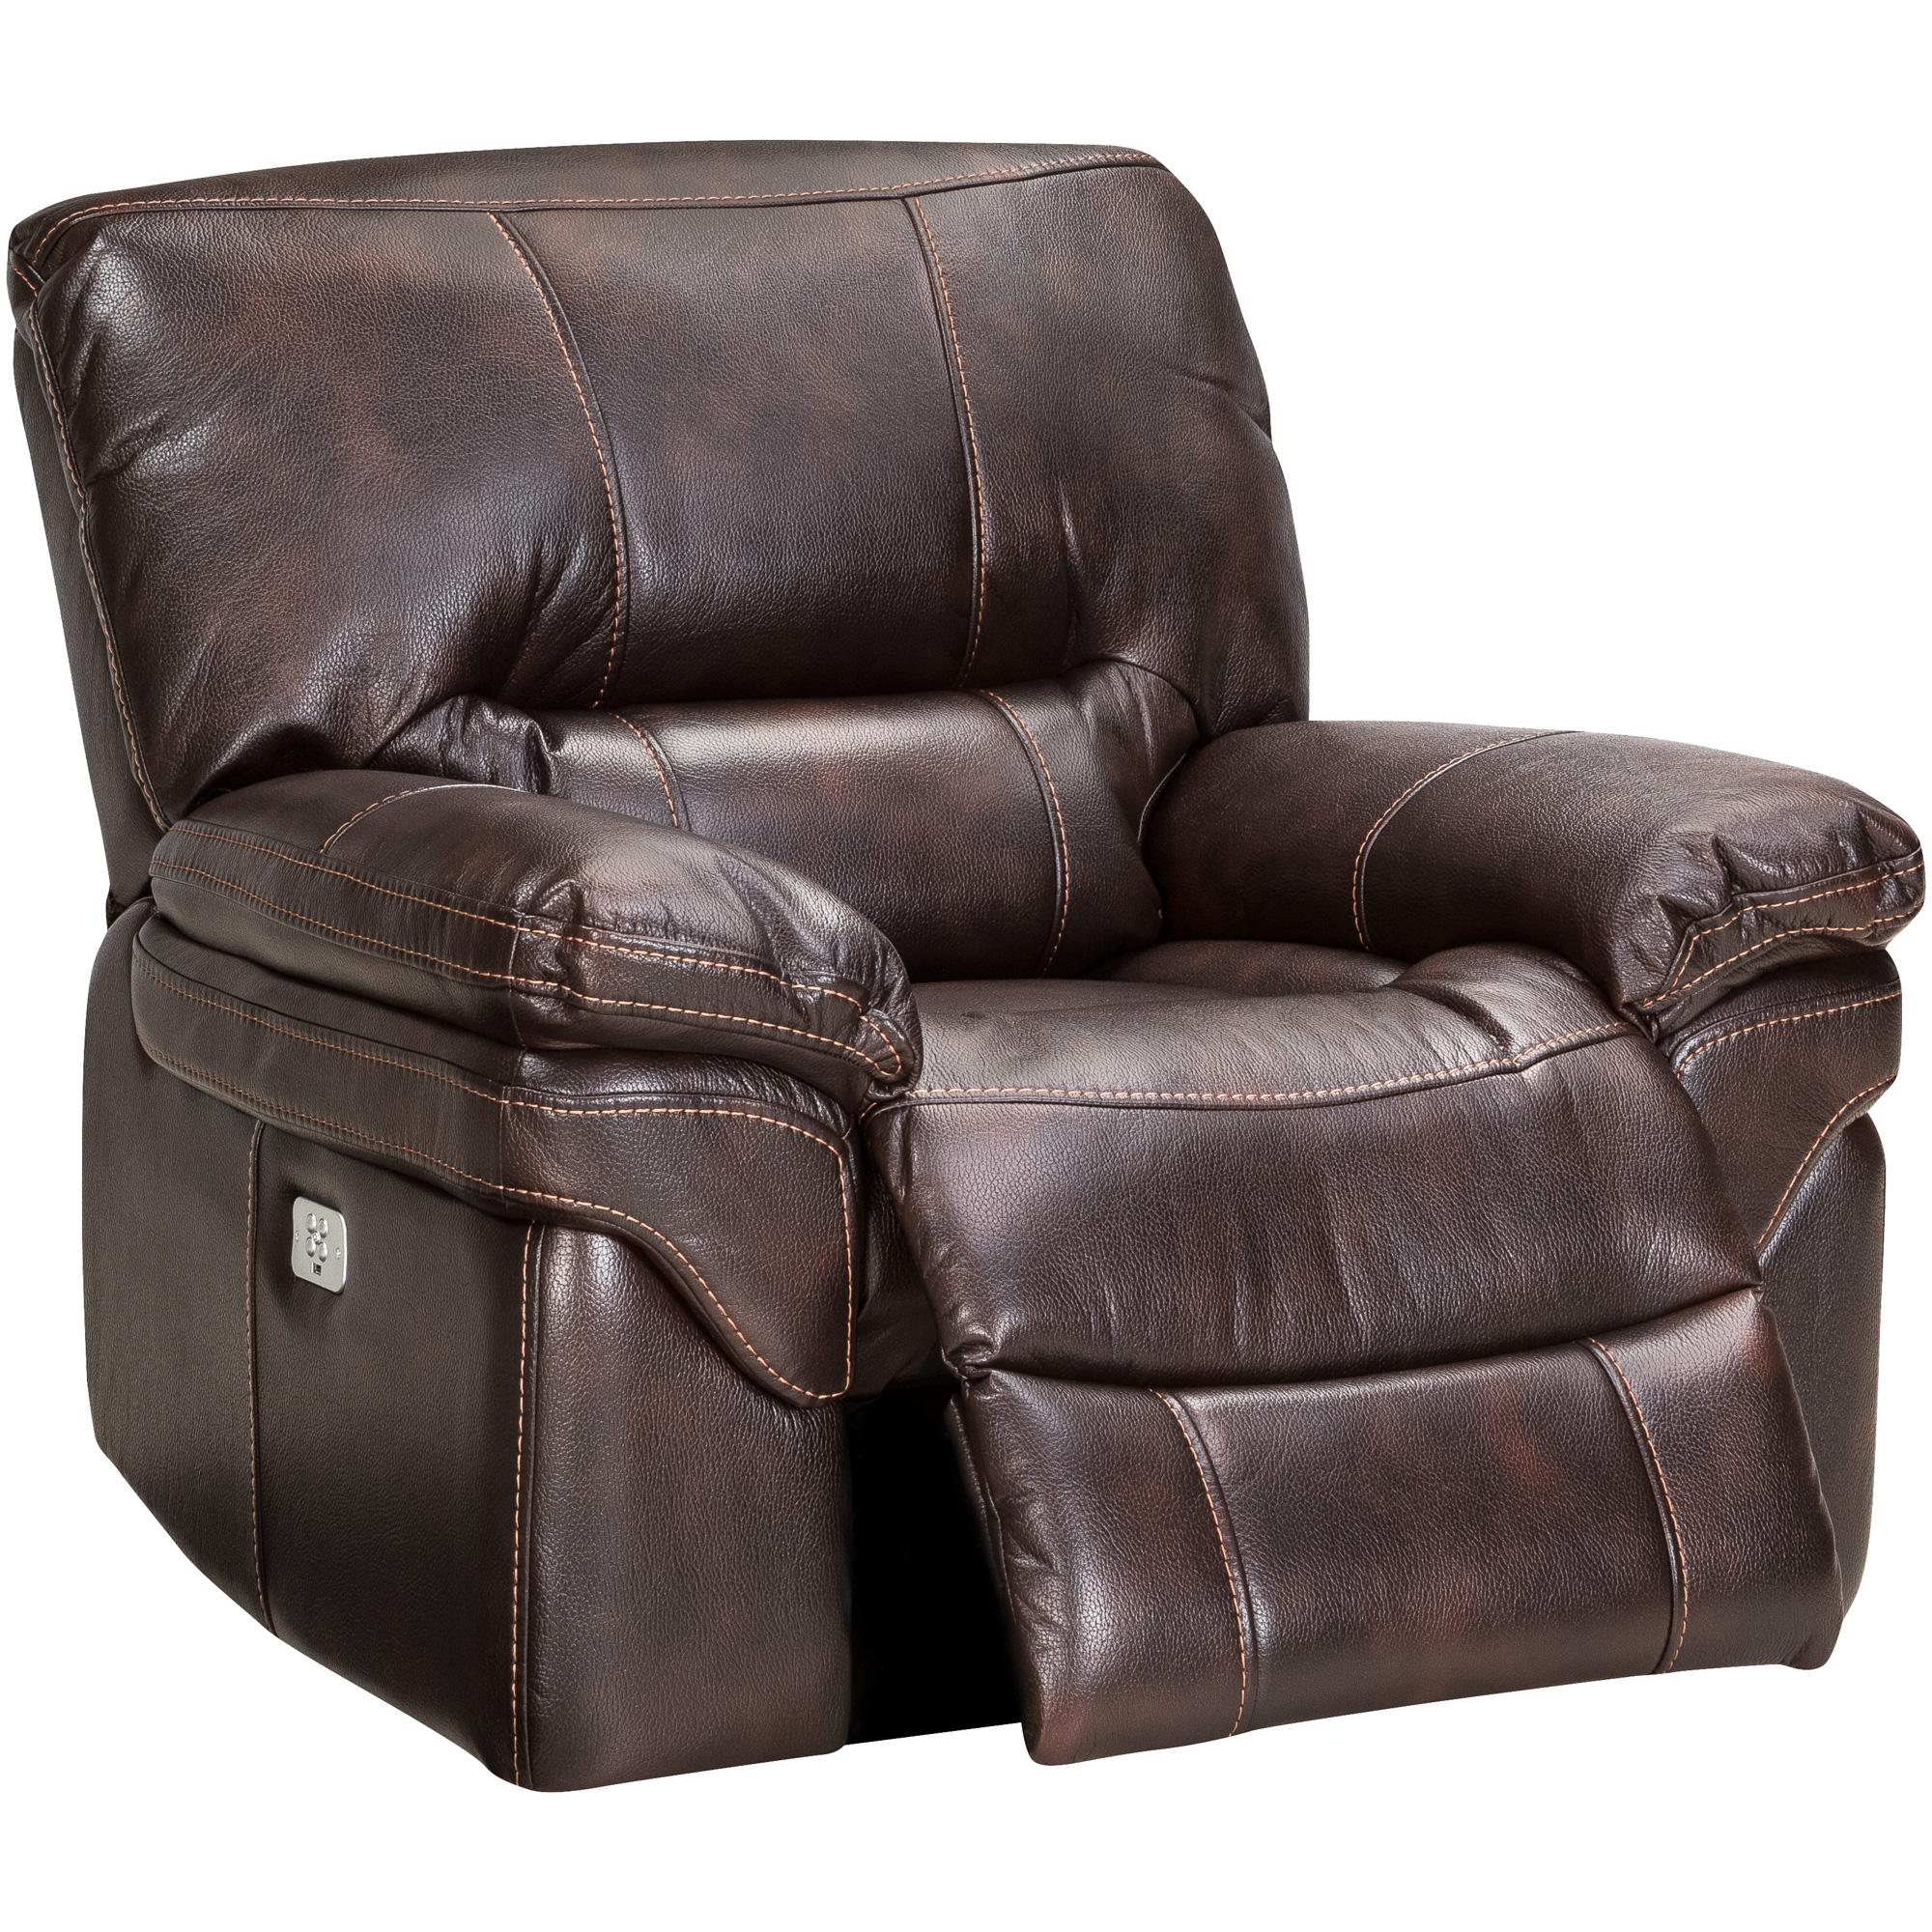 Wah Cheers | Valdez Brown Power+ Recliner Chair